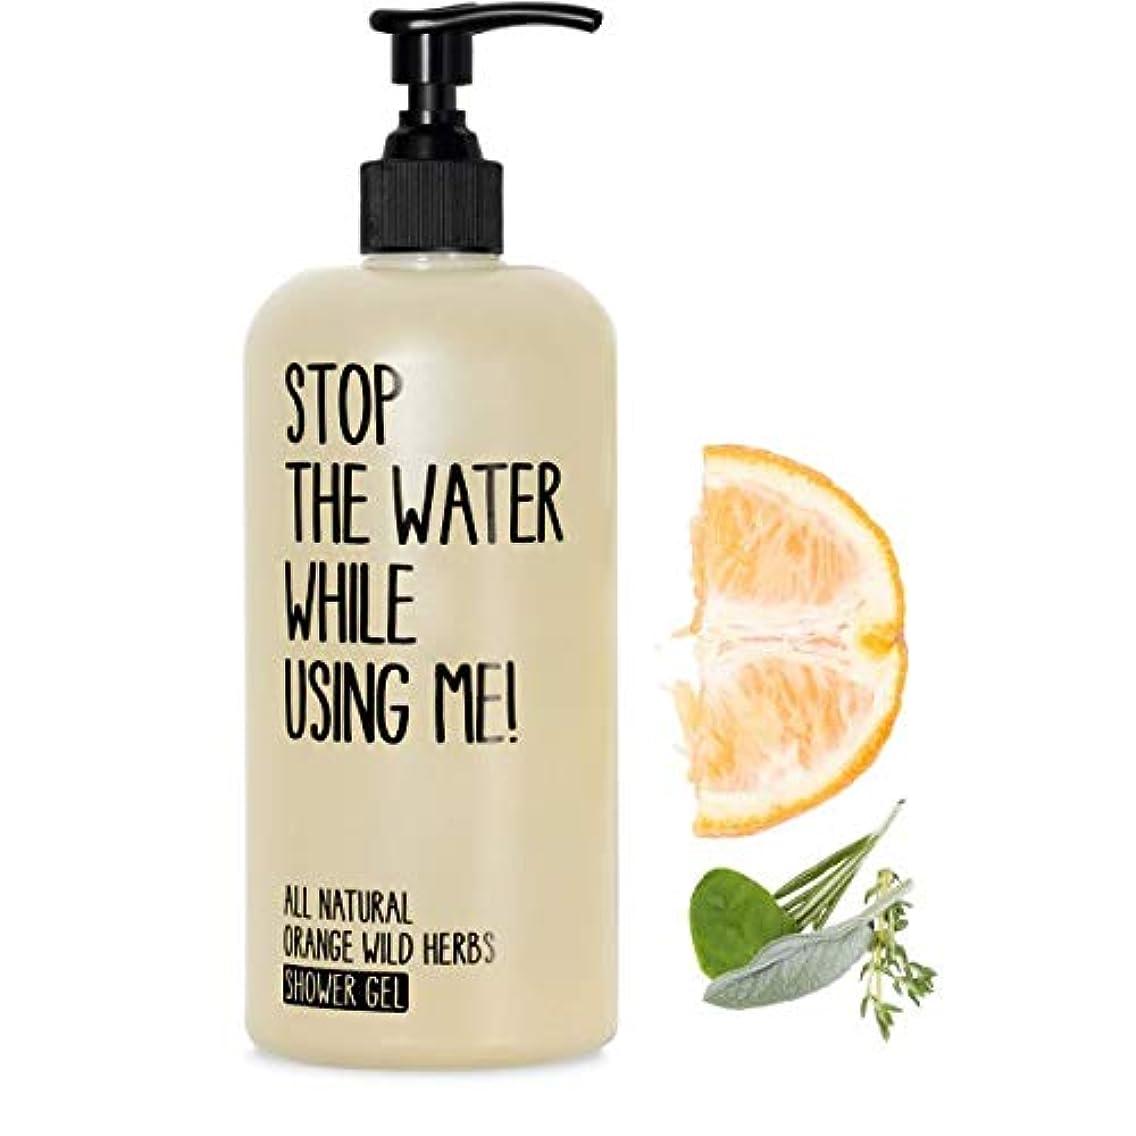 彼らボランティア謎めいた【STOP THE WATER WHILE USING ME!】 O&WHシャワージェル(オレンジ&ワイルドハーブ) 200ml